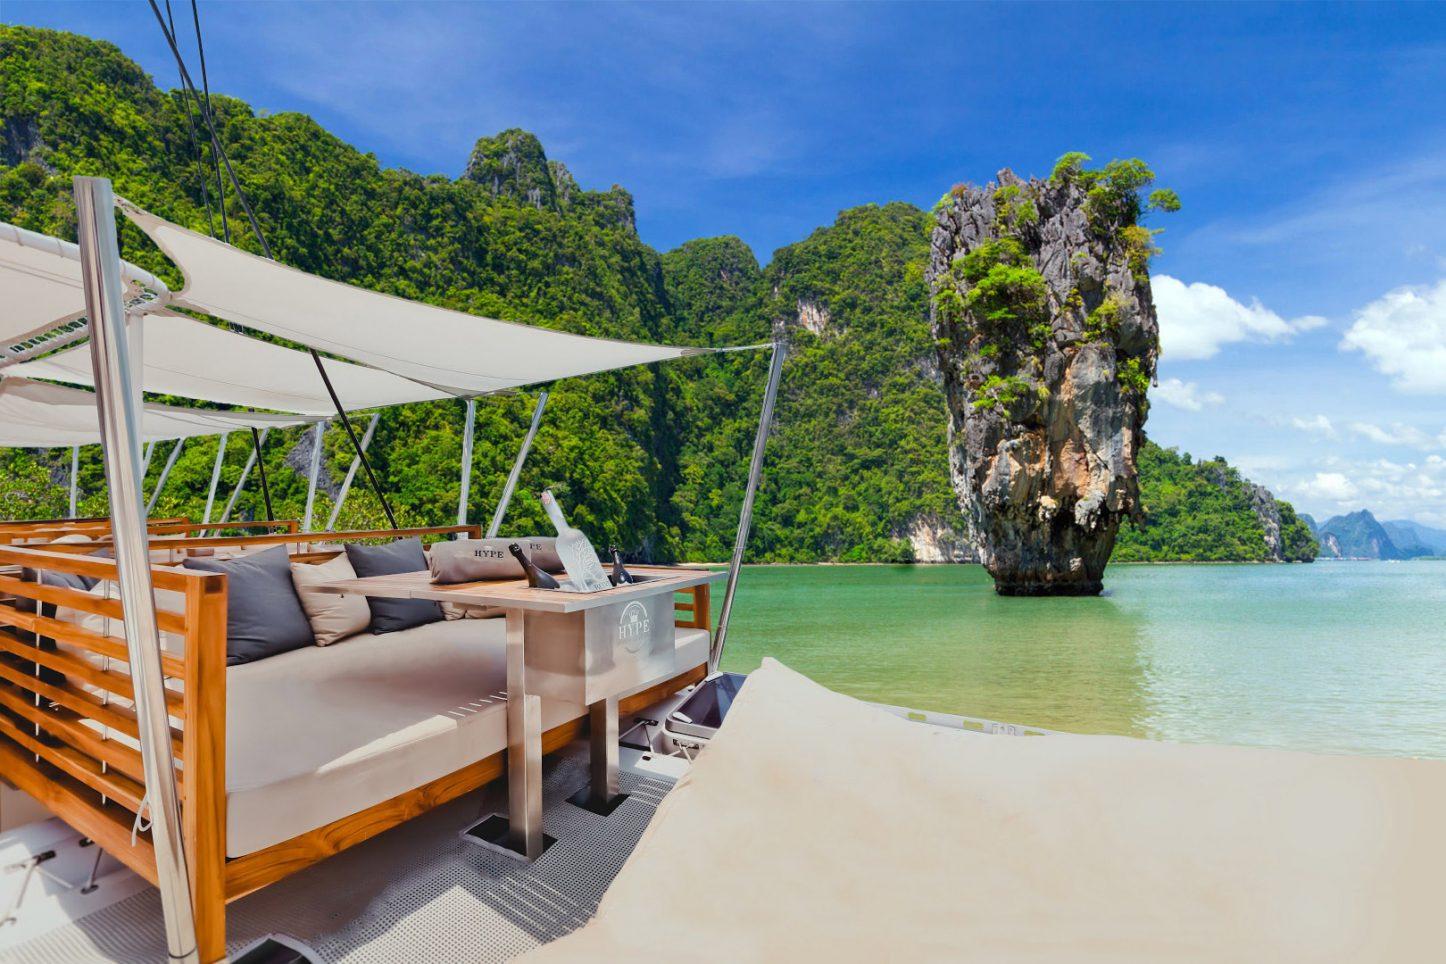 Hype Luxury Boat Club, Phuket, Thailand